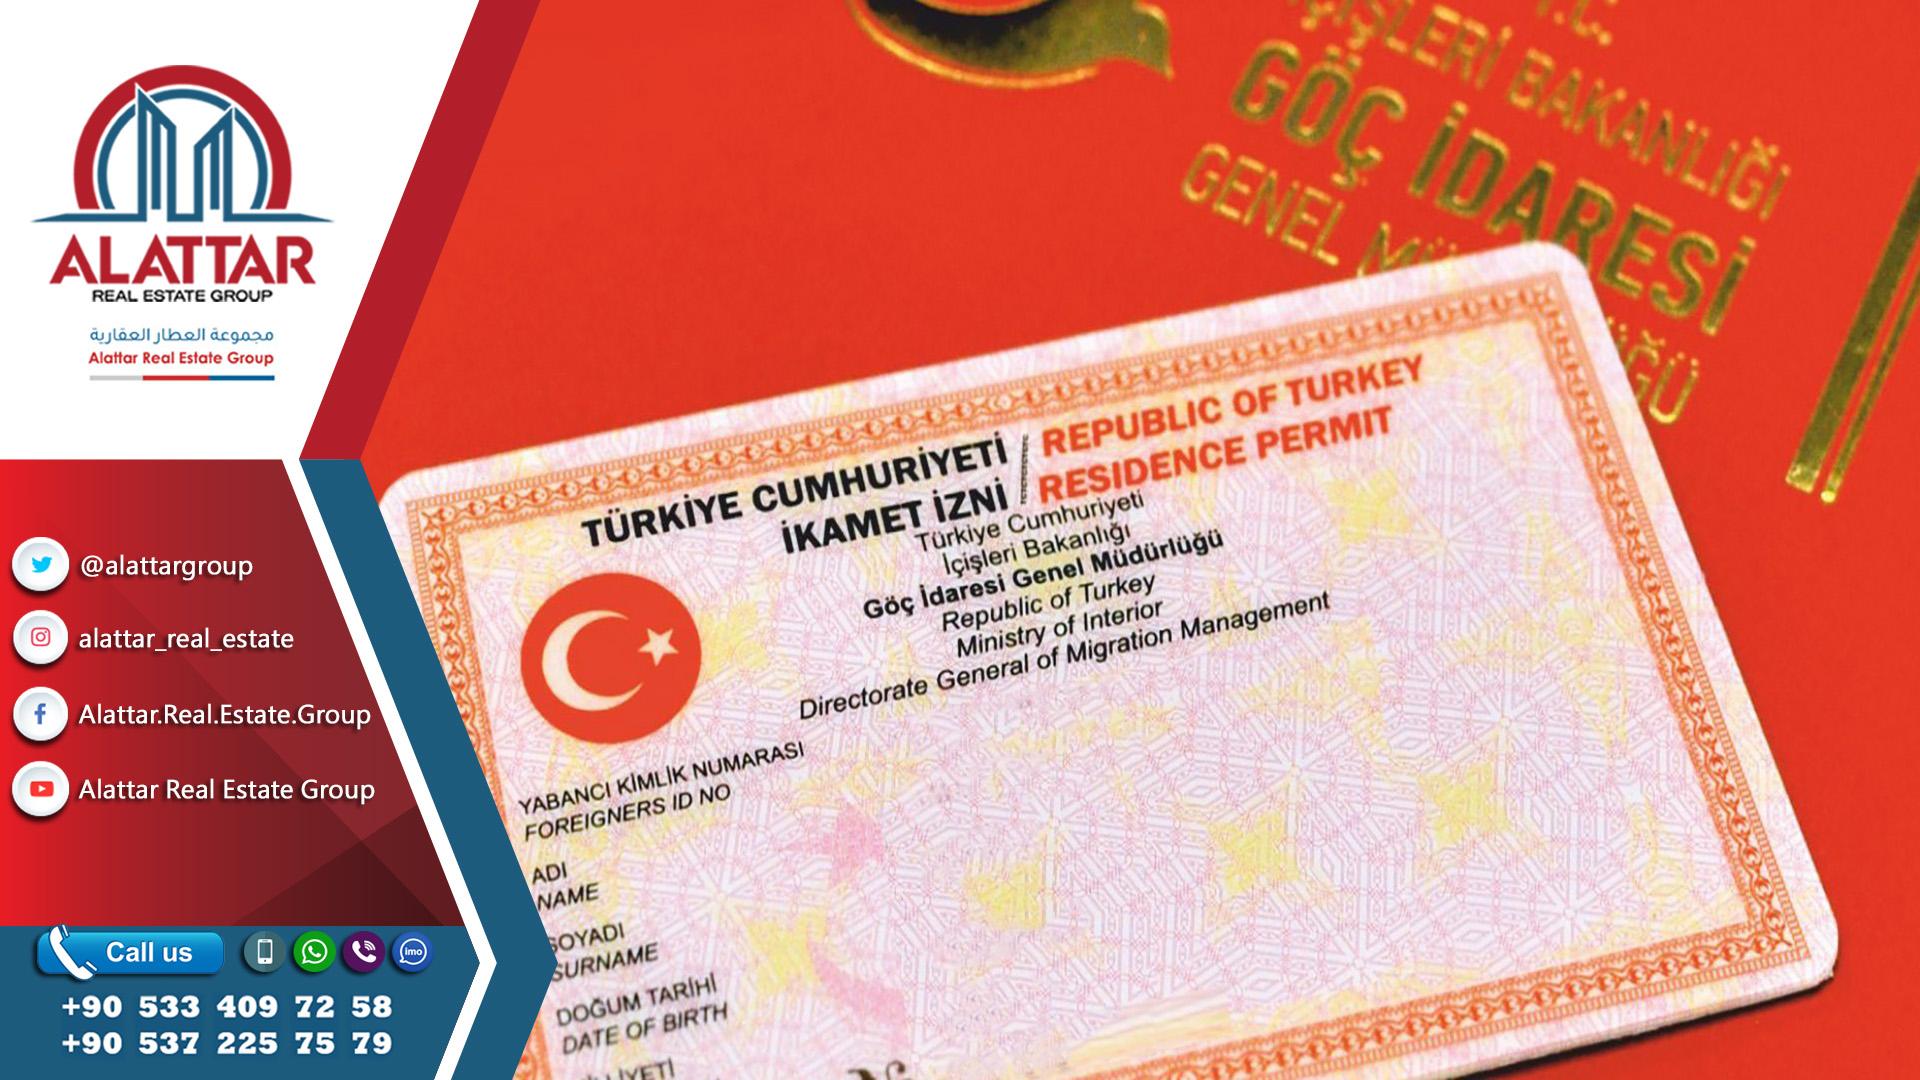 خطوة بخطوة.. كيف يحصل المواطنون العرب والأجانب على الإقامة التركية؟